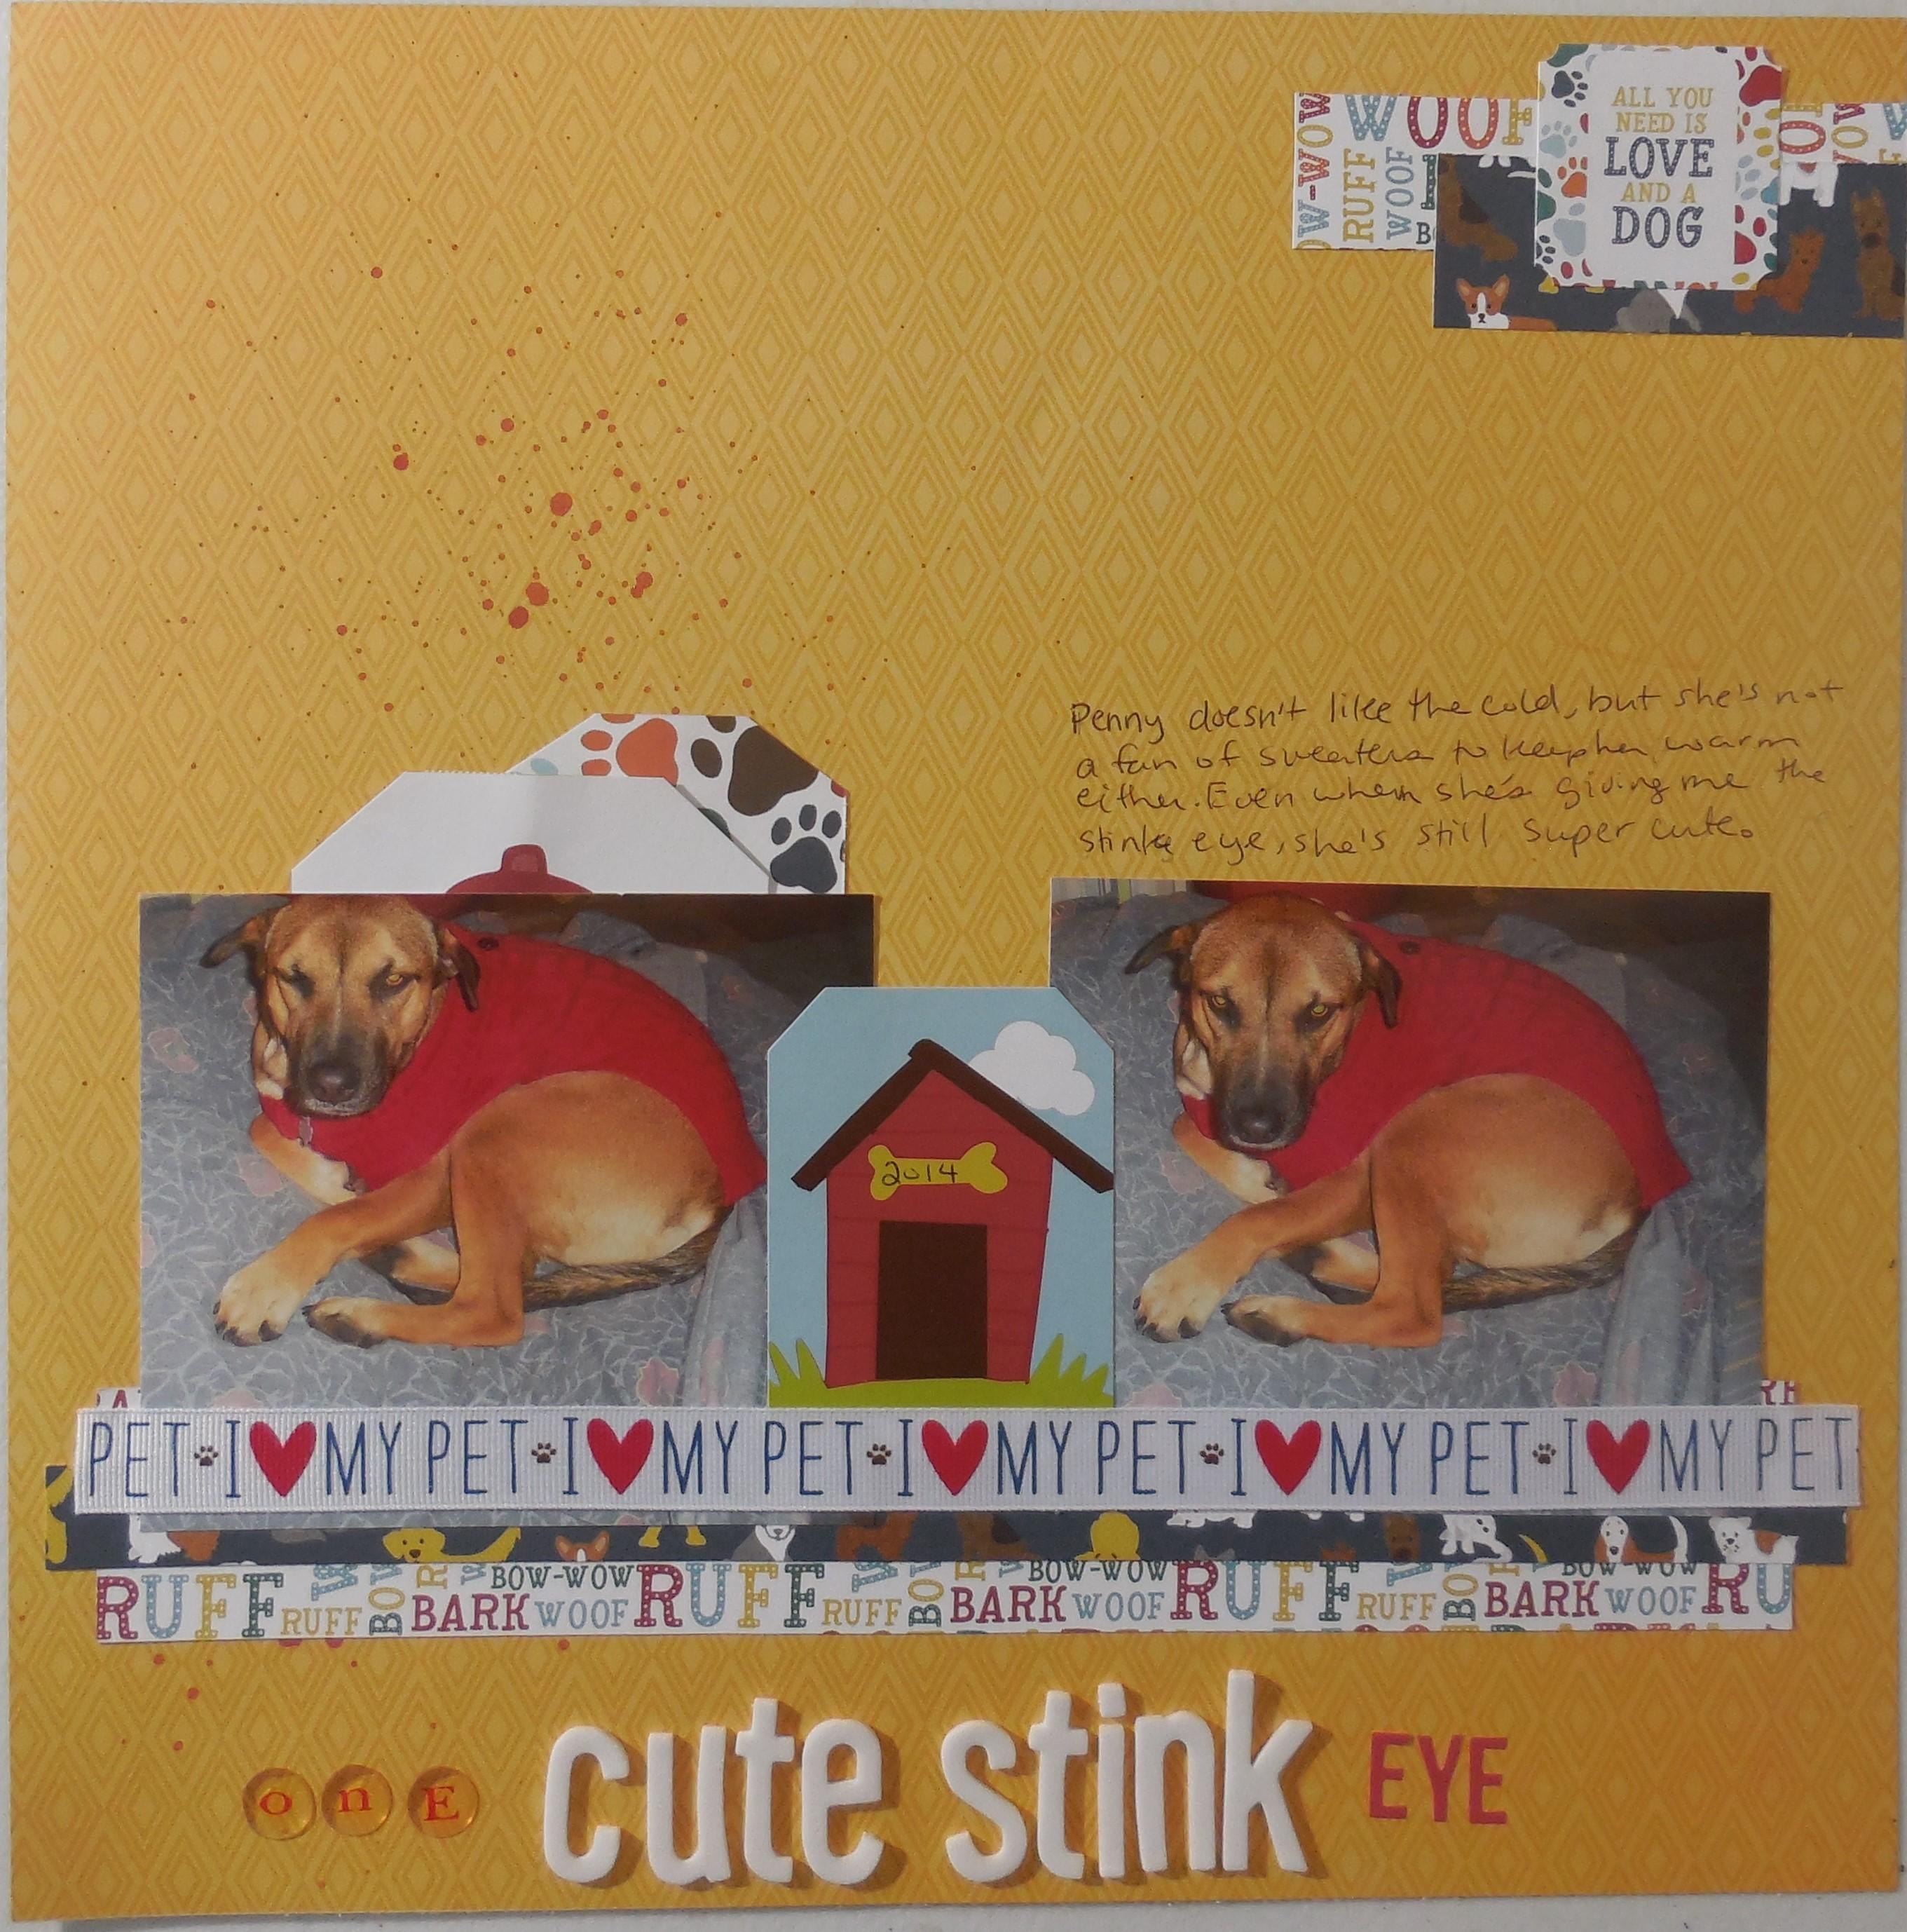 One Cute Stink Eye